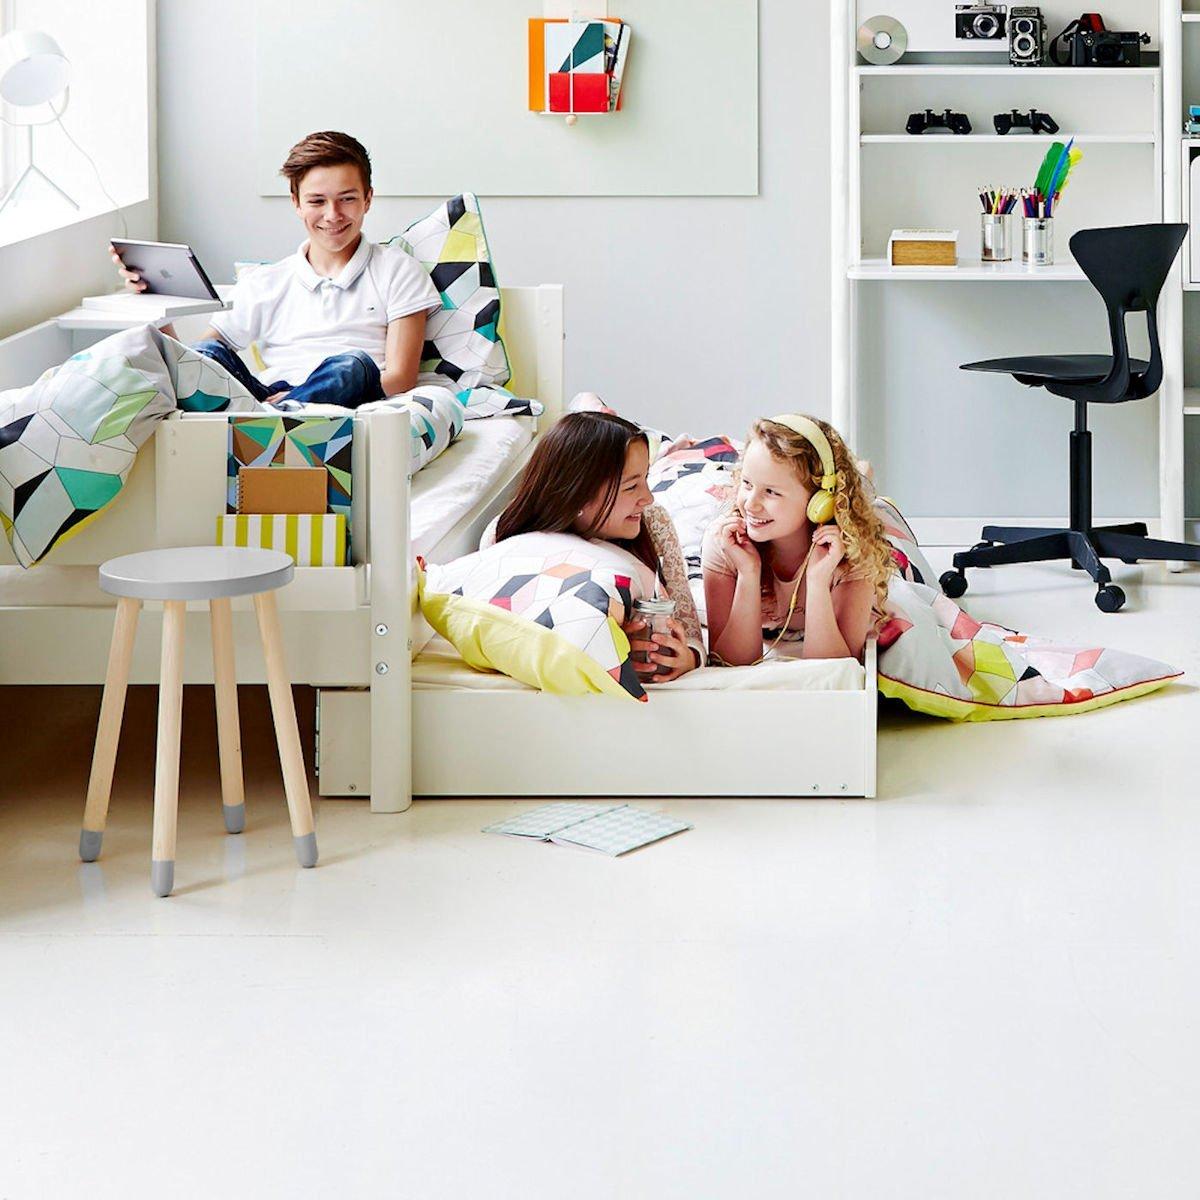 white einzelbett 90x200 g stebett wei 90 10758 40 569. Black Bedroom Furniture Sets. Home Design Ideas